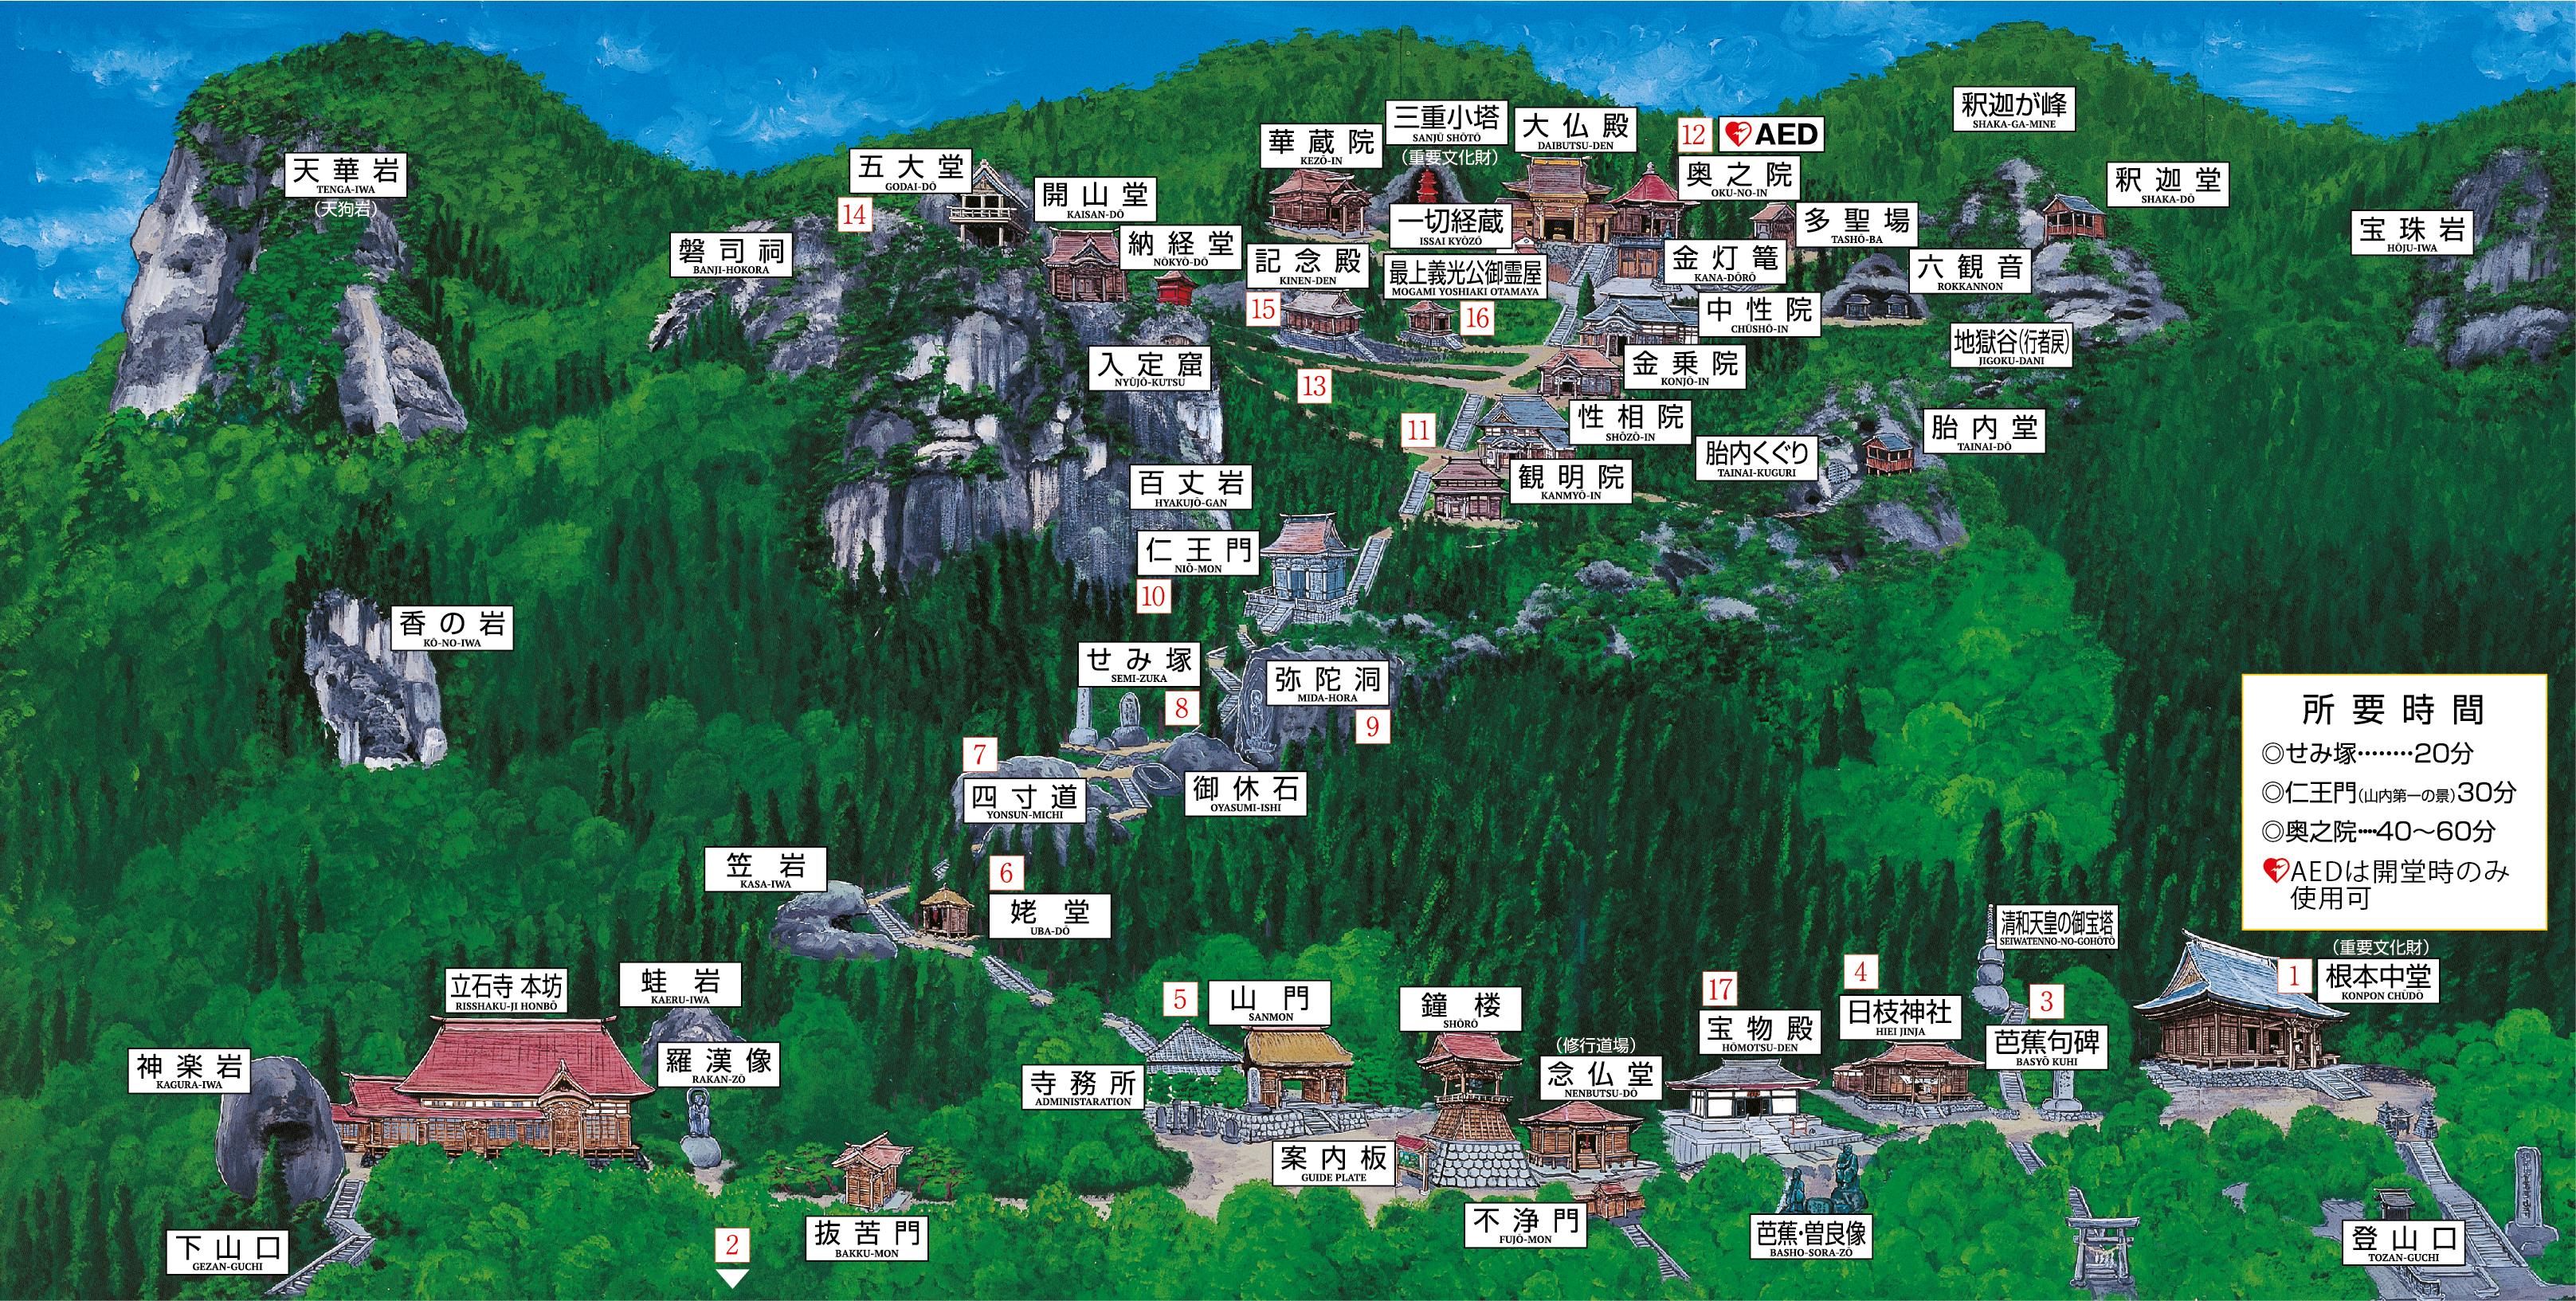 立石寺マップ